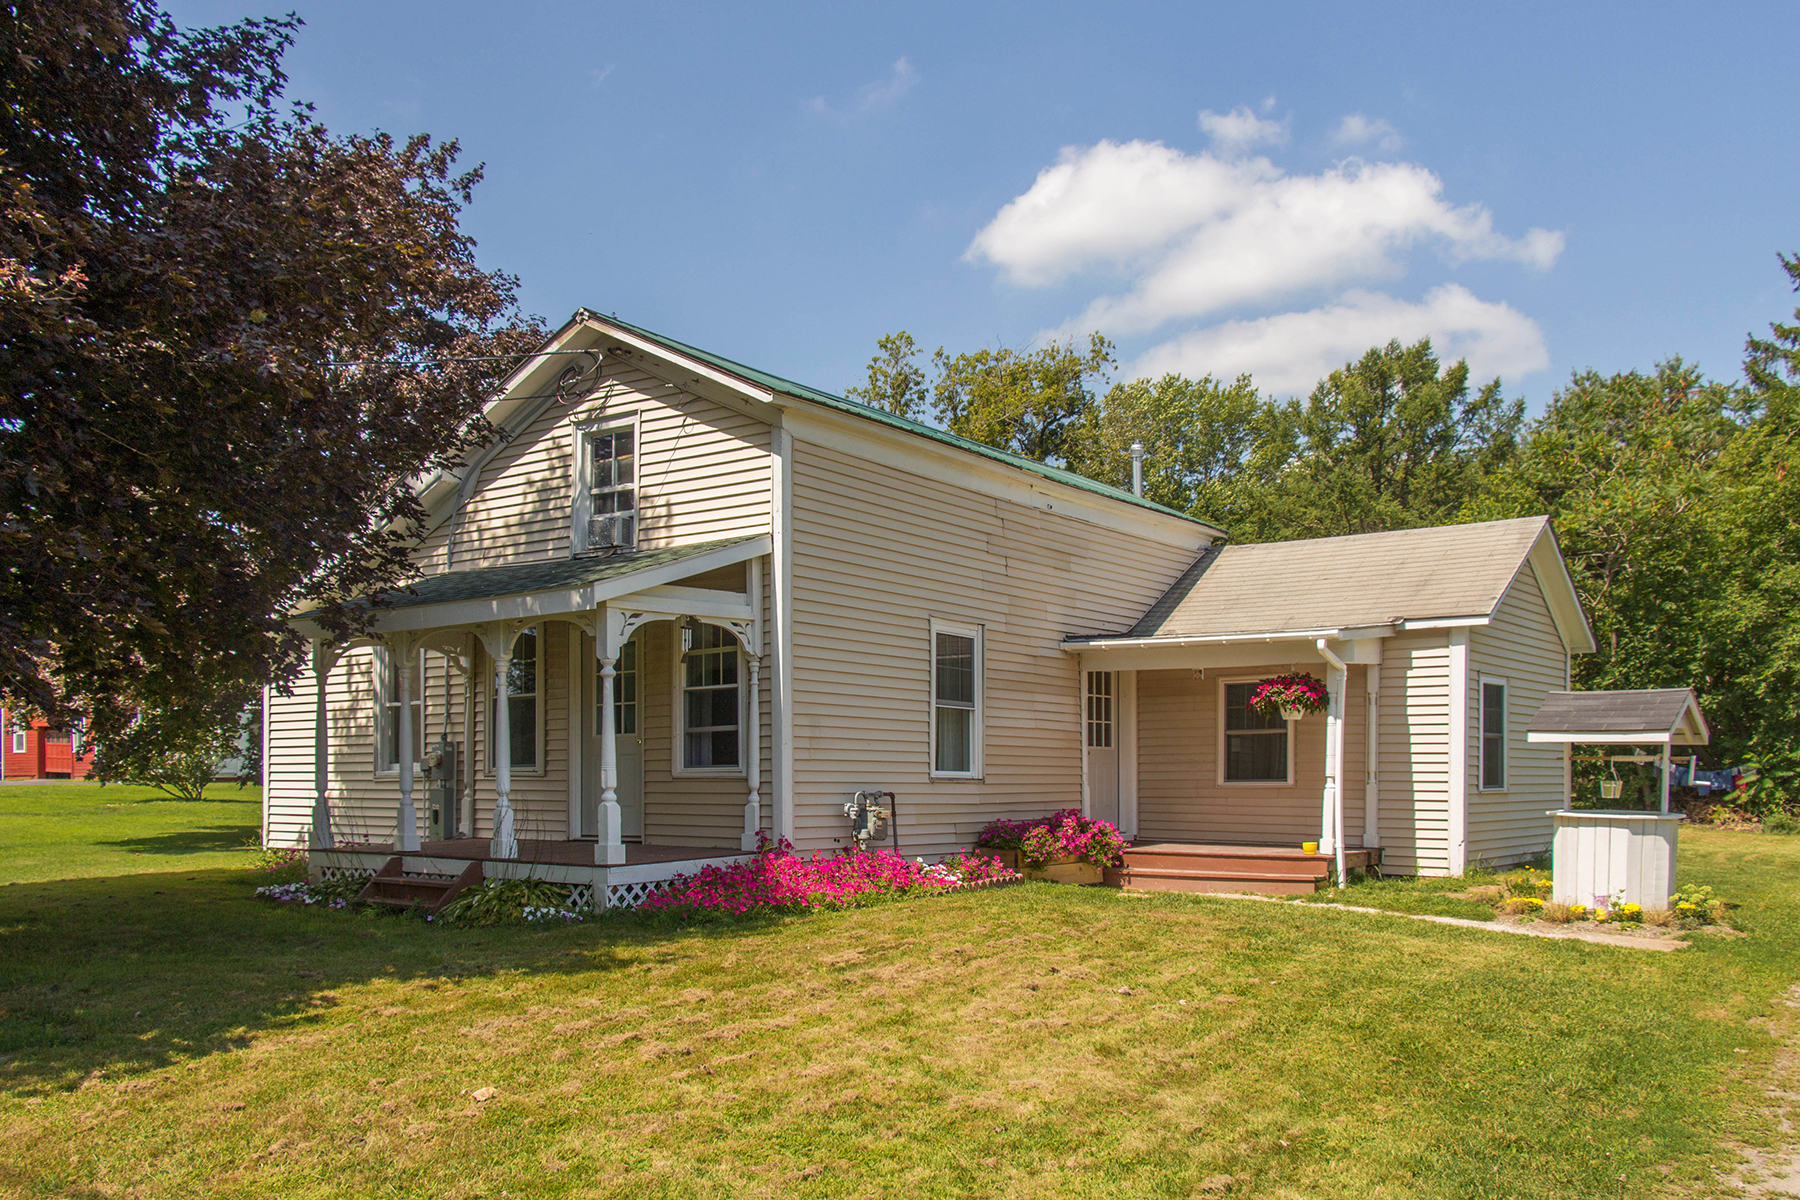 Các loại nhà khác vì Bán tại Country Living 114 King Road Schuylerville, New York 12871 Hoa Kỳ